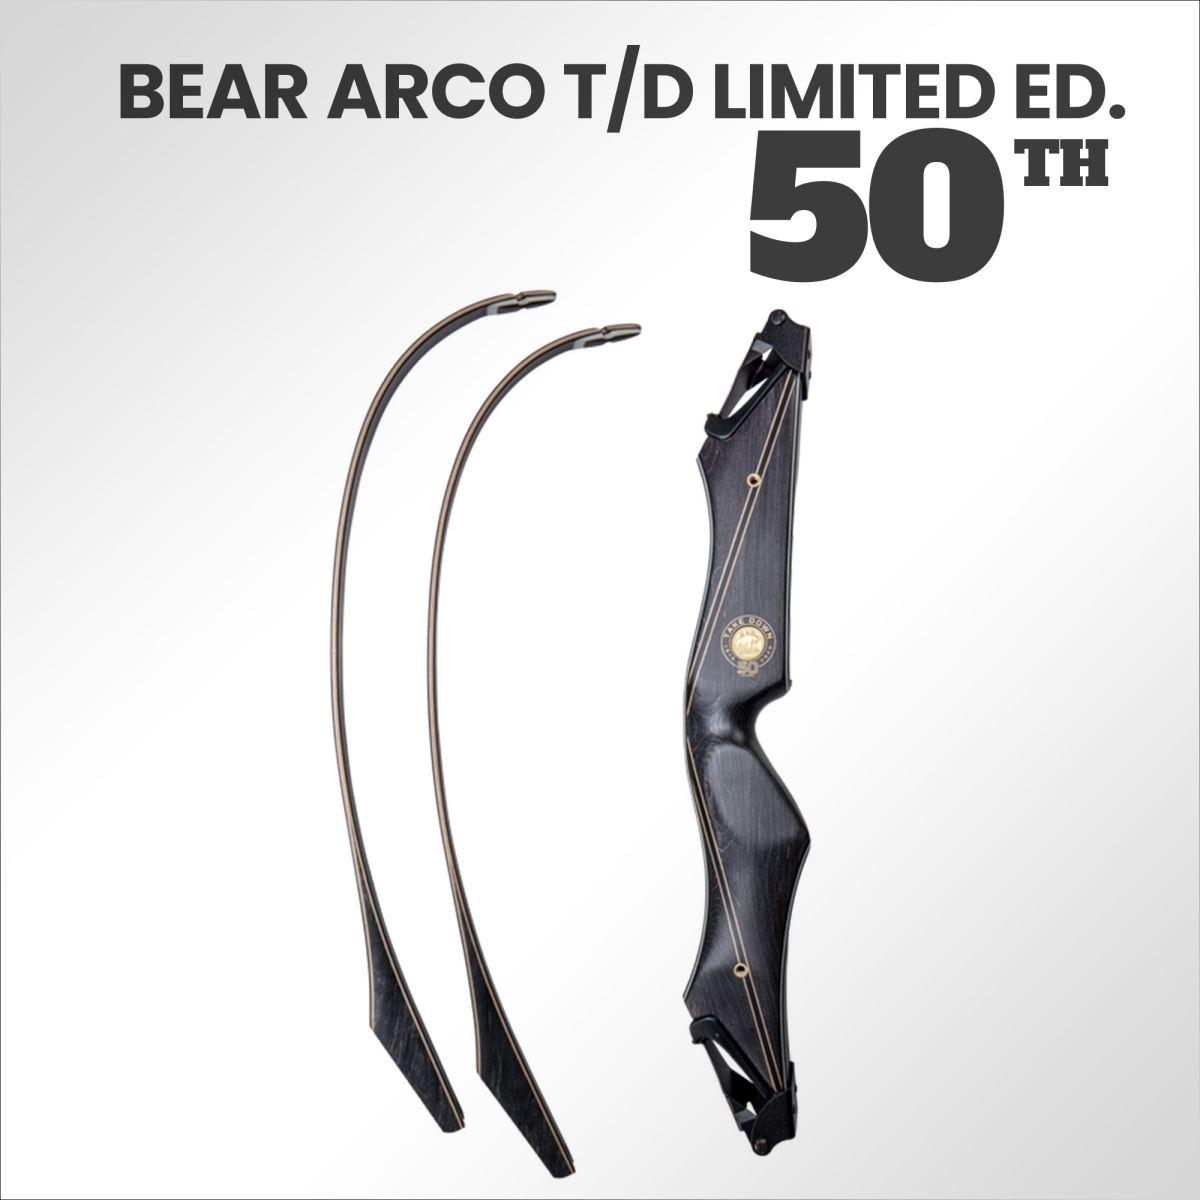 La bellezza di 50 Anni di Bear Archery in un capolavoro tradizionale